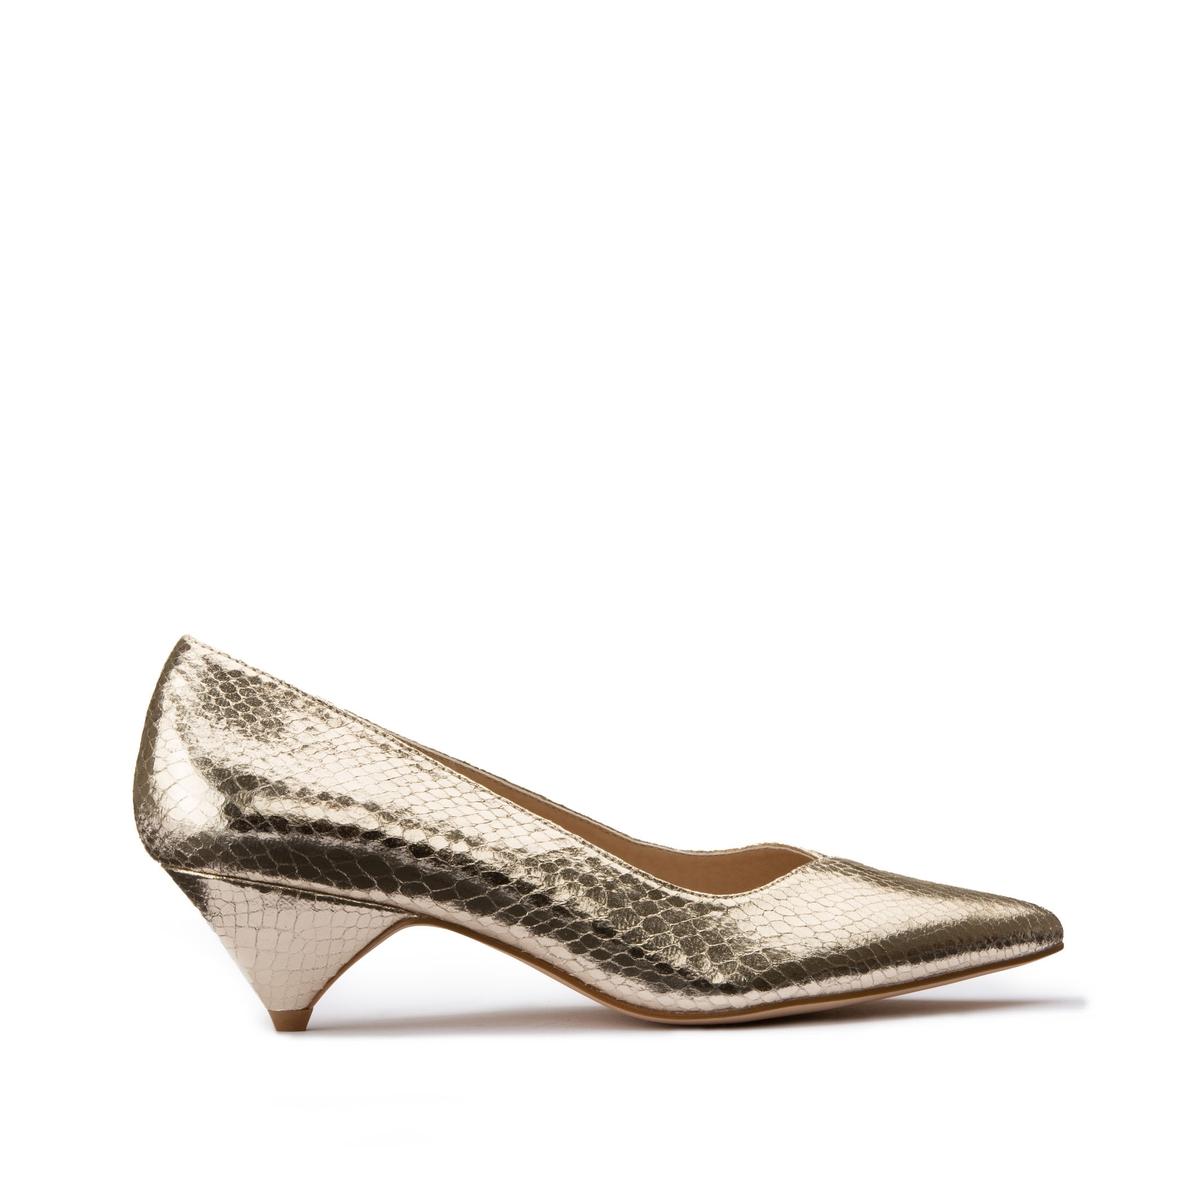 Туфли La Redoute С металлическим блеском на среднем заостренном каблуке 38 золотистый туфли indiana туфли на среднем каблуке